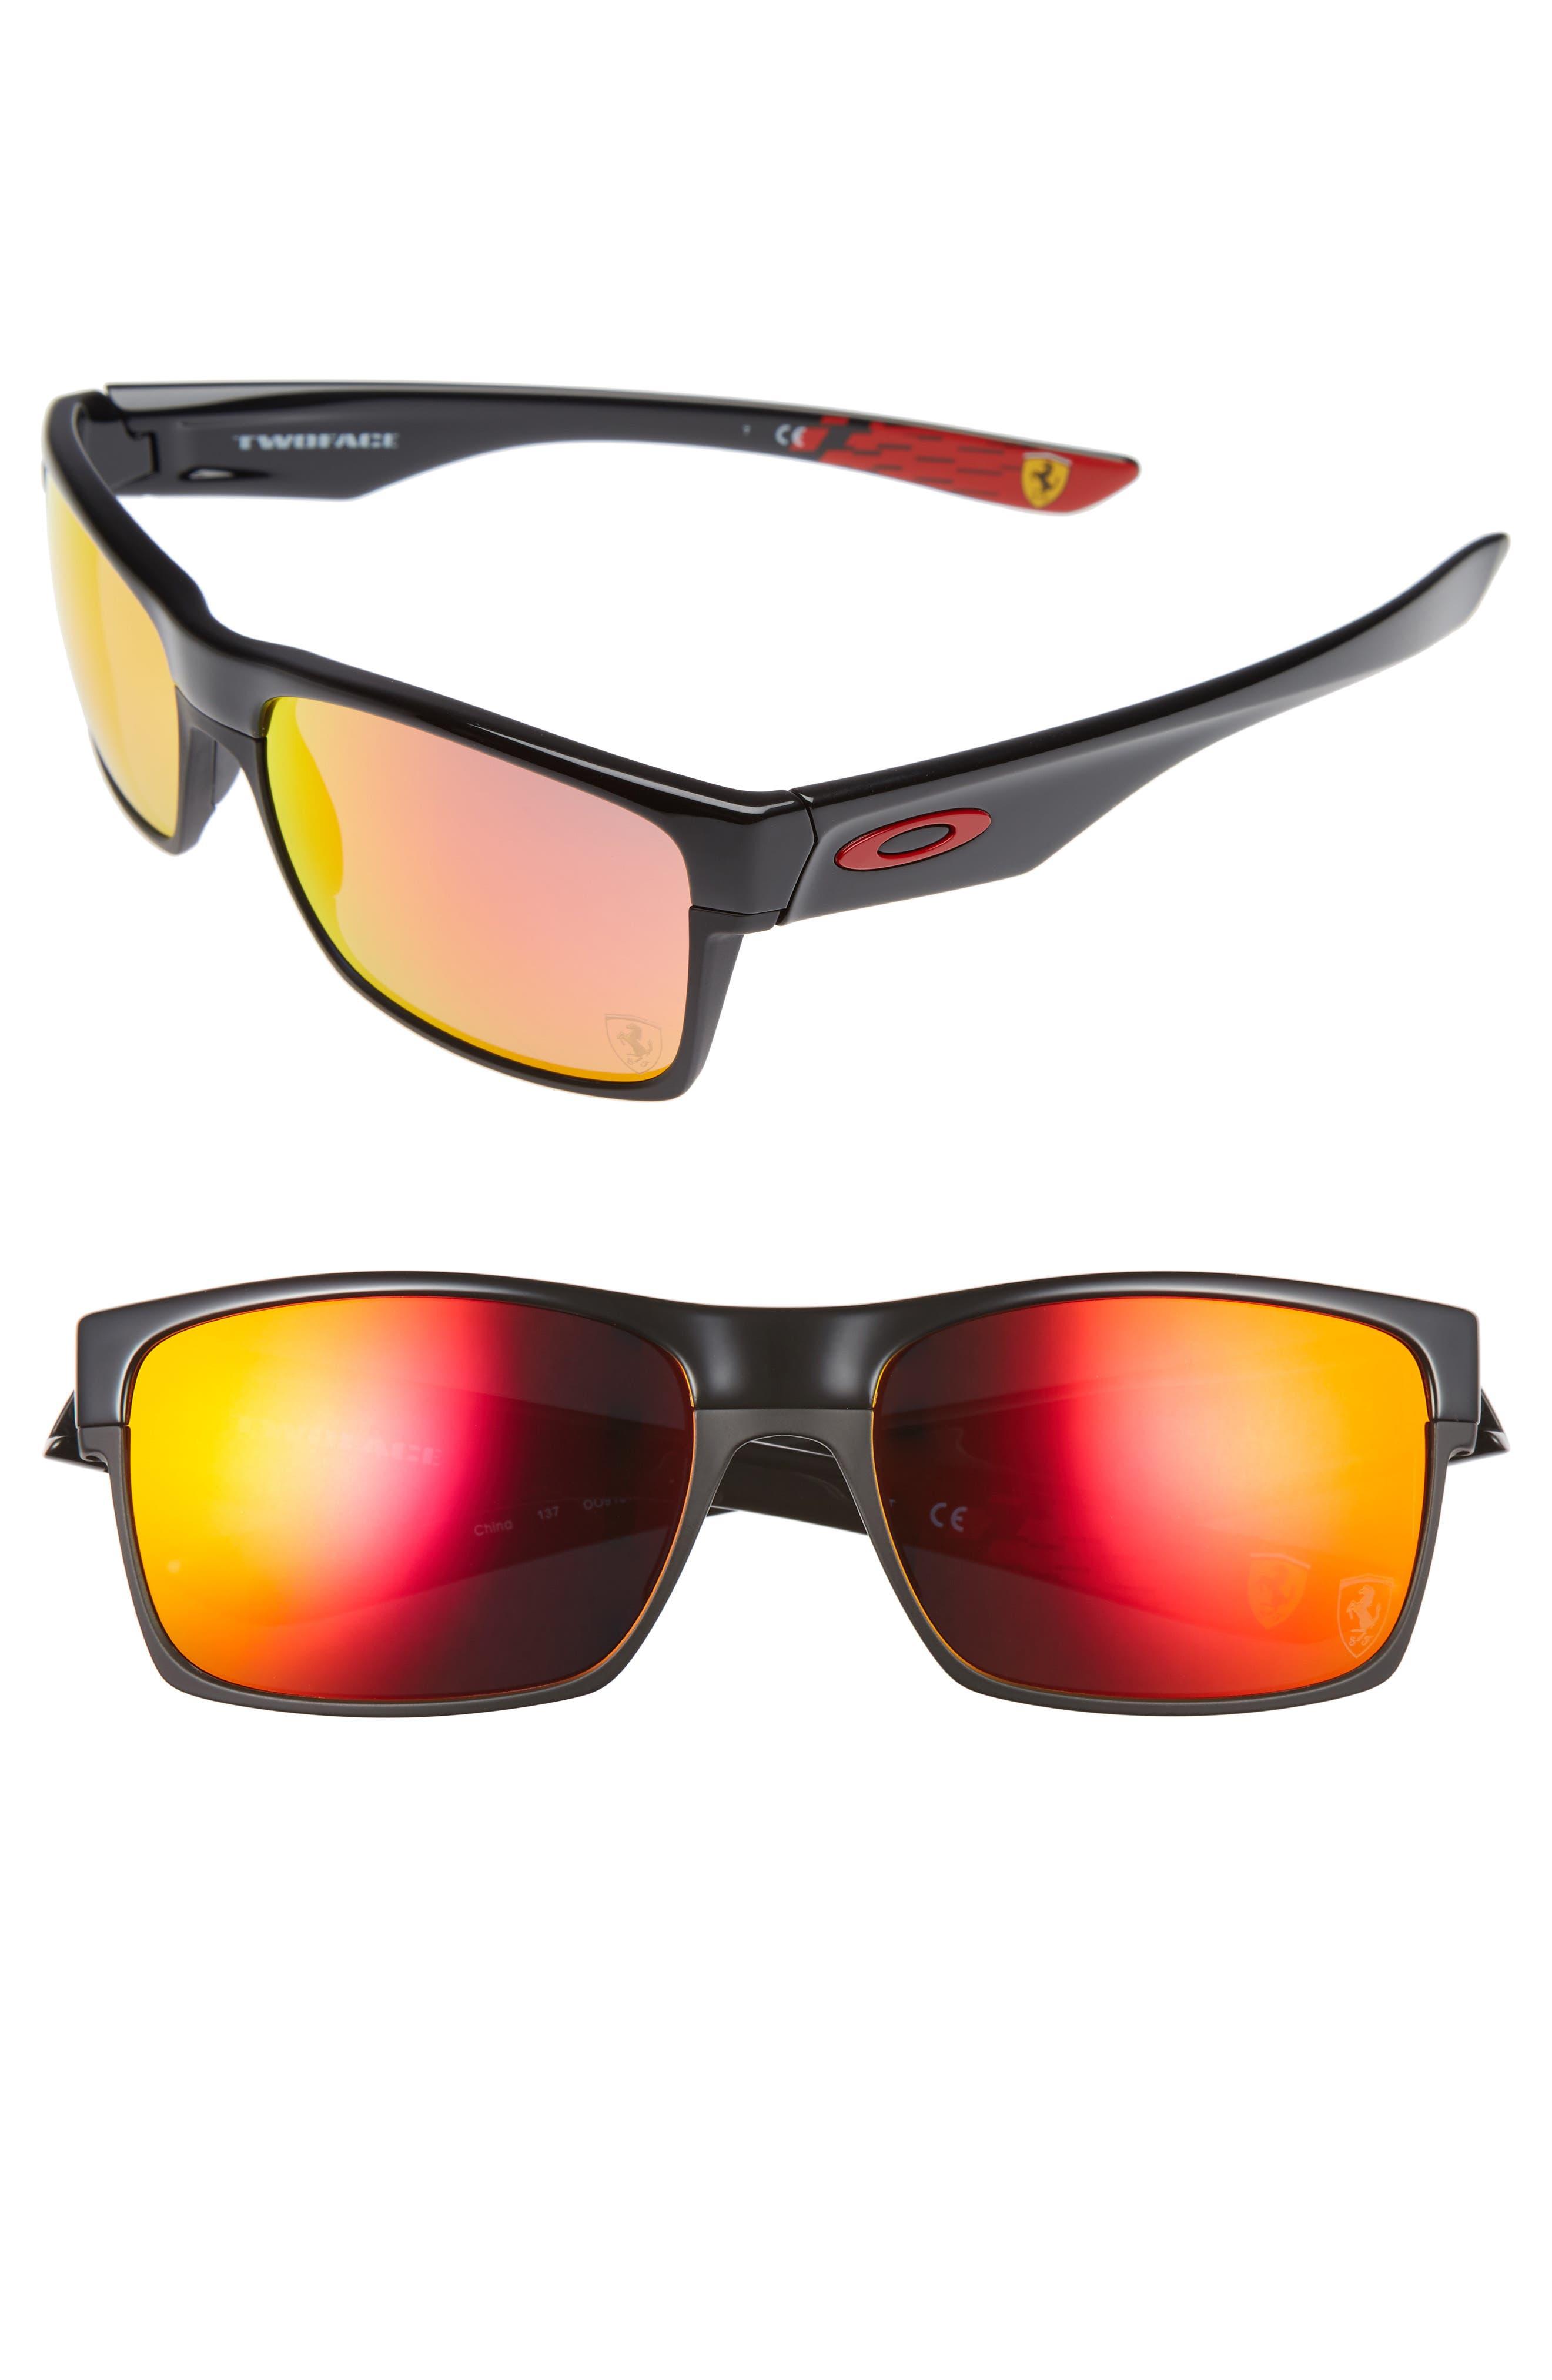 OAKLEY Twoface 60mm Sunglasses